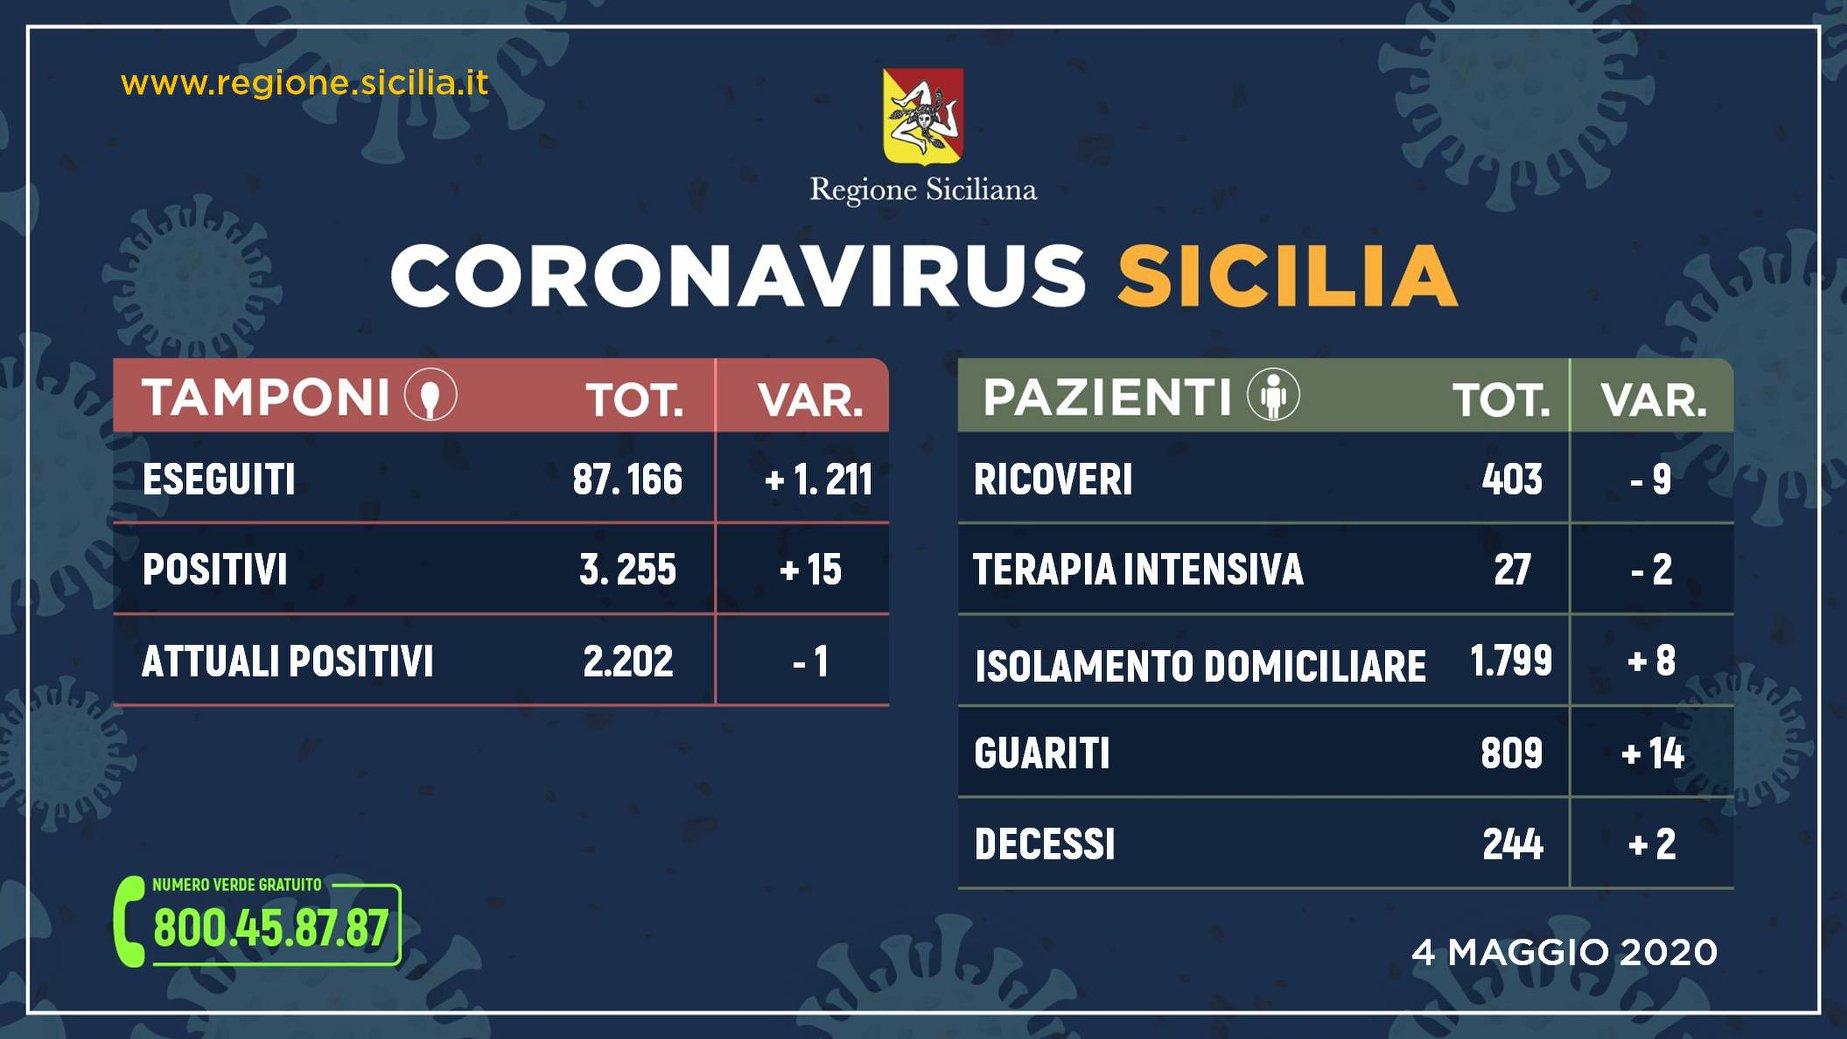 Coronavirus, 2.202 i positivi in Sicilia: 15 nuovi contagi, ma scendono i ricoveri